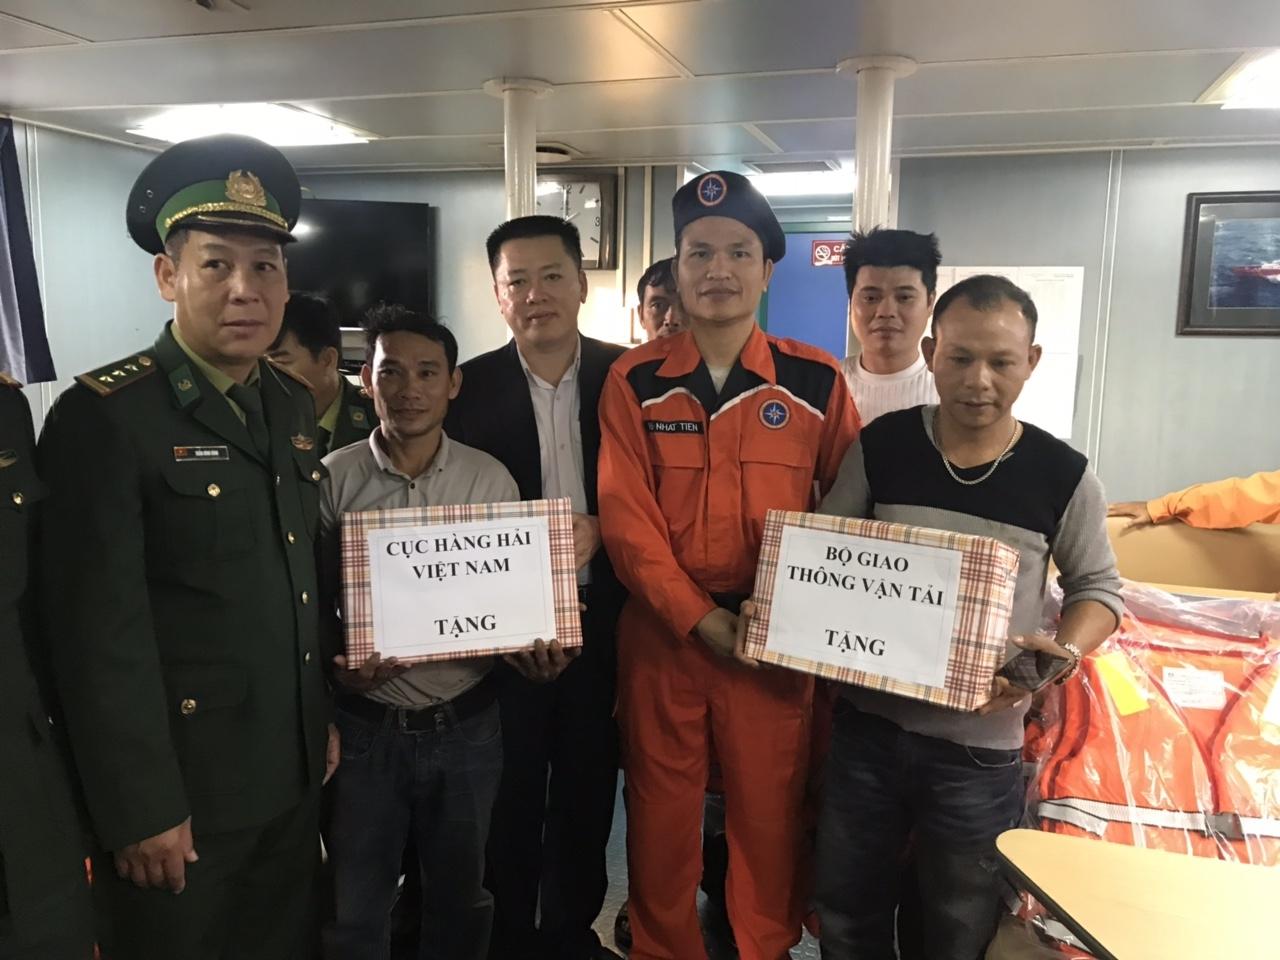 Cứu nạn kịp thời 5 thuyền viên trên tàu Du thuyền Tây Bắc